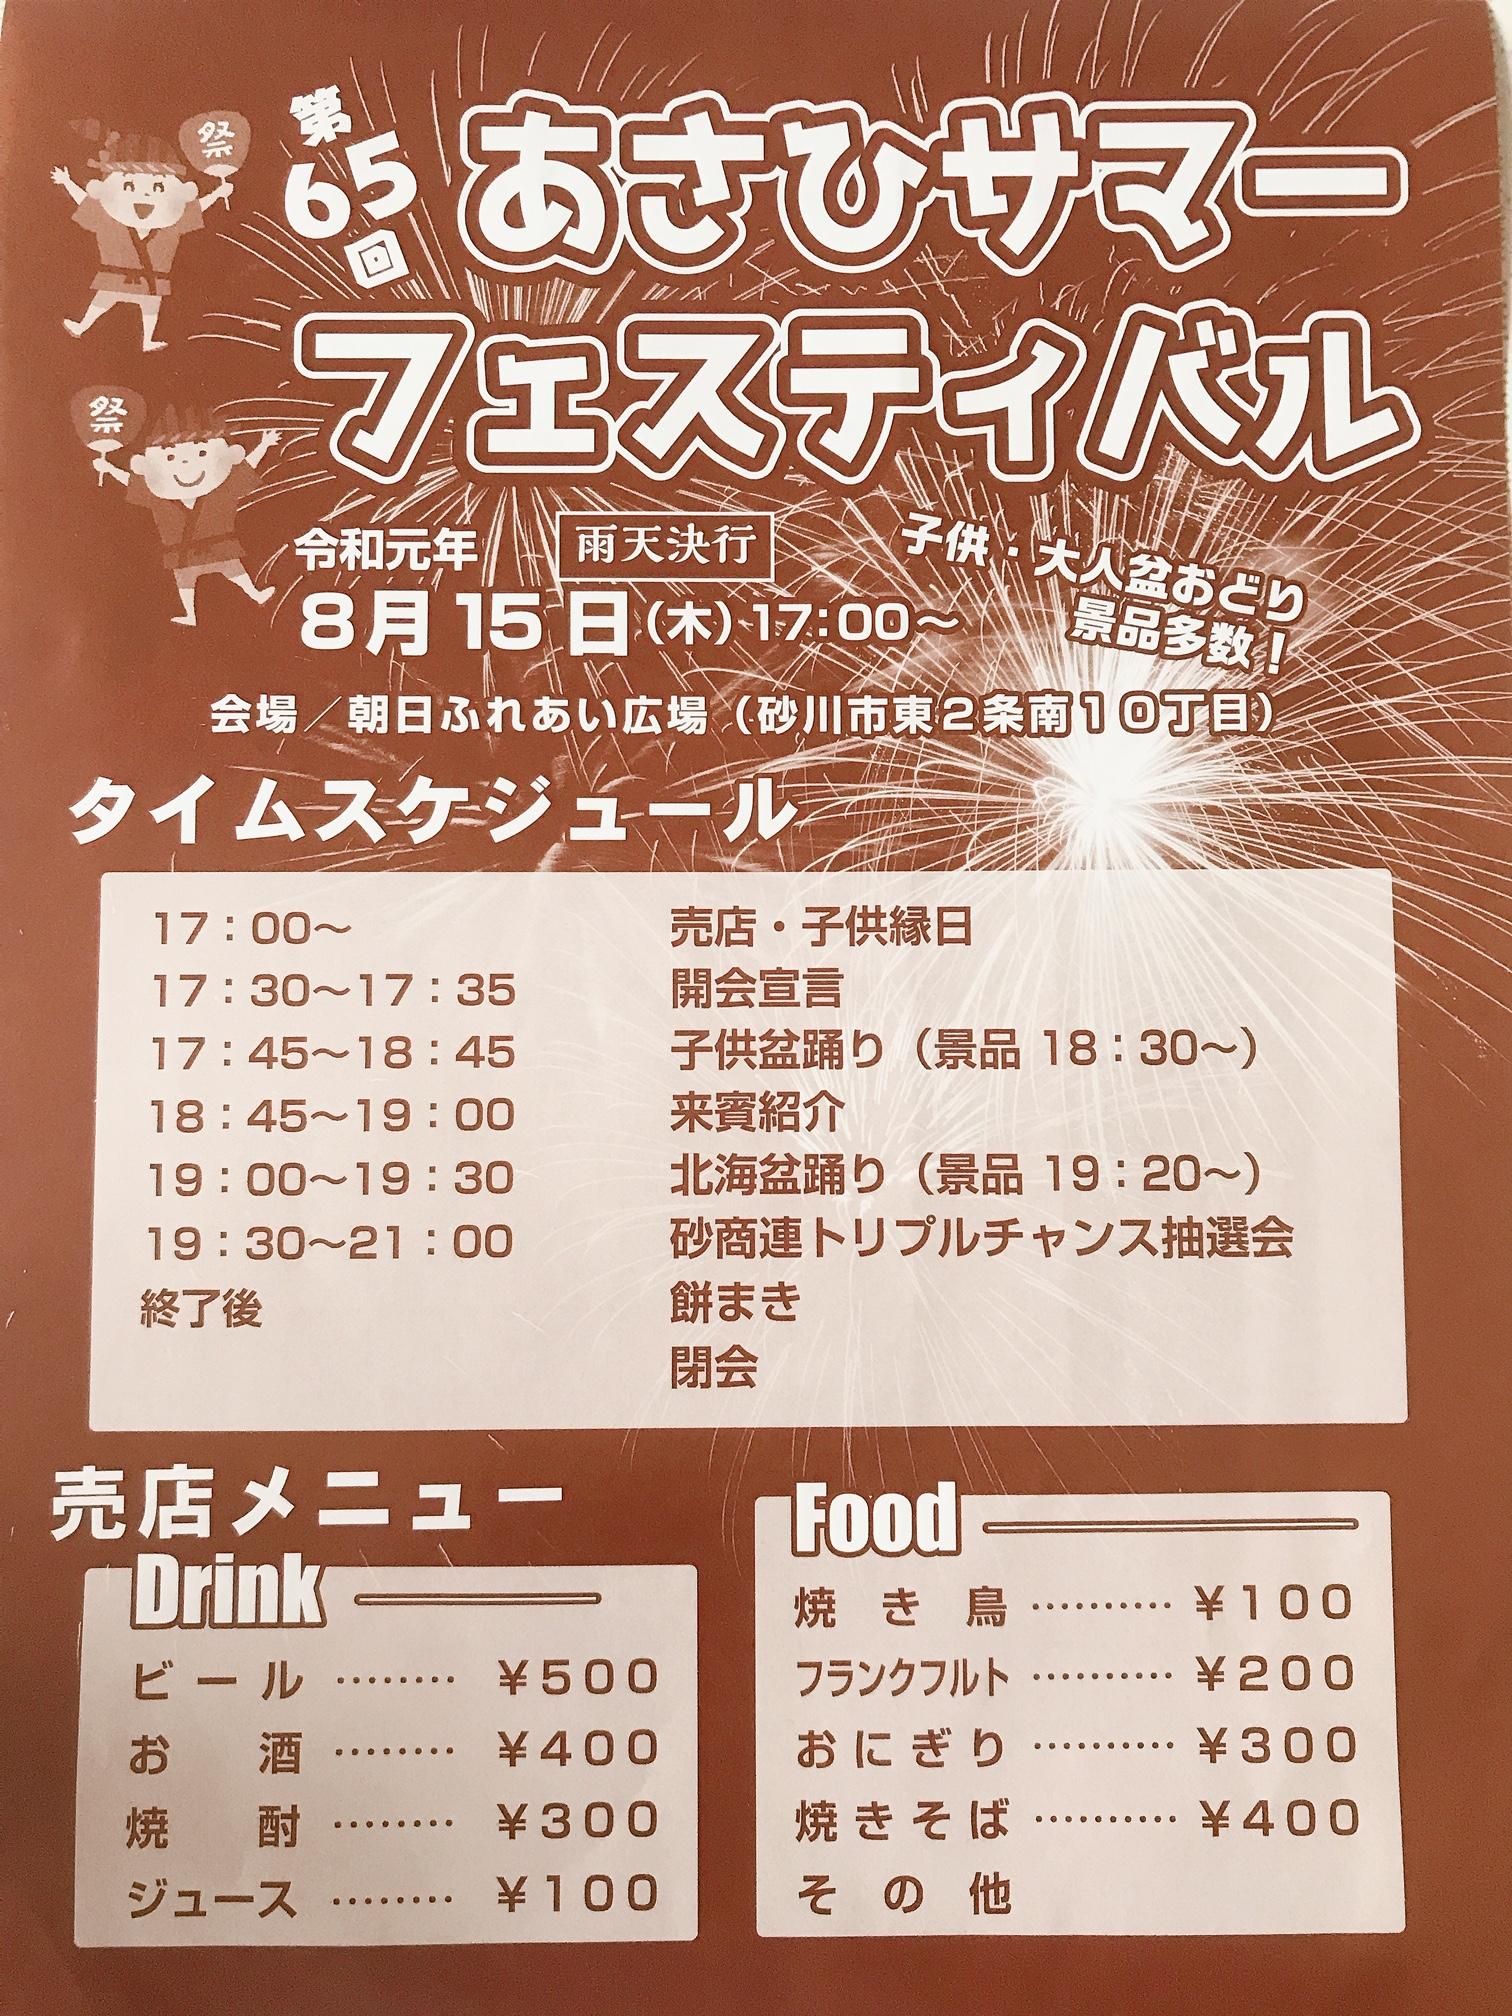 第65回あさひサマーフェスティバル(2019年)のポスター